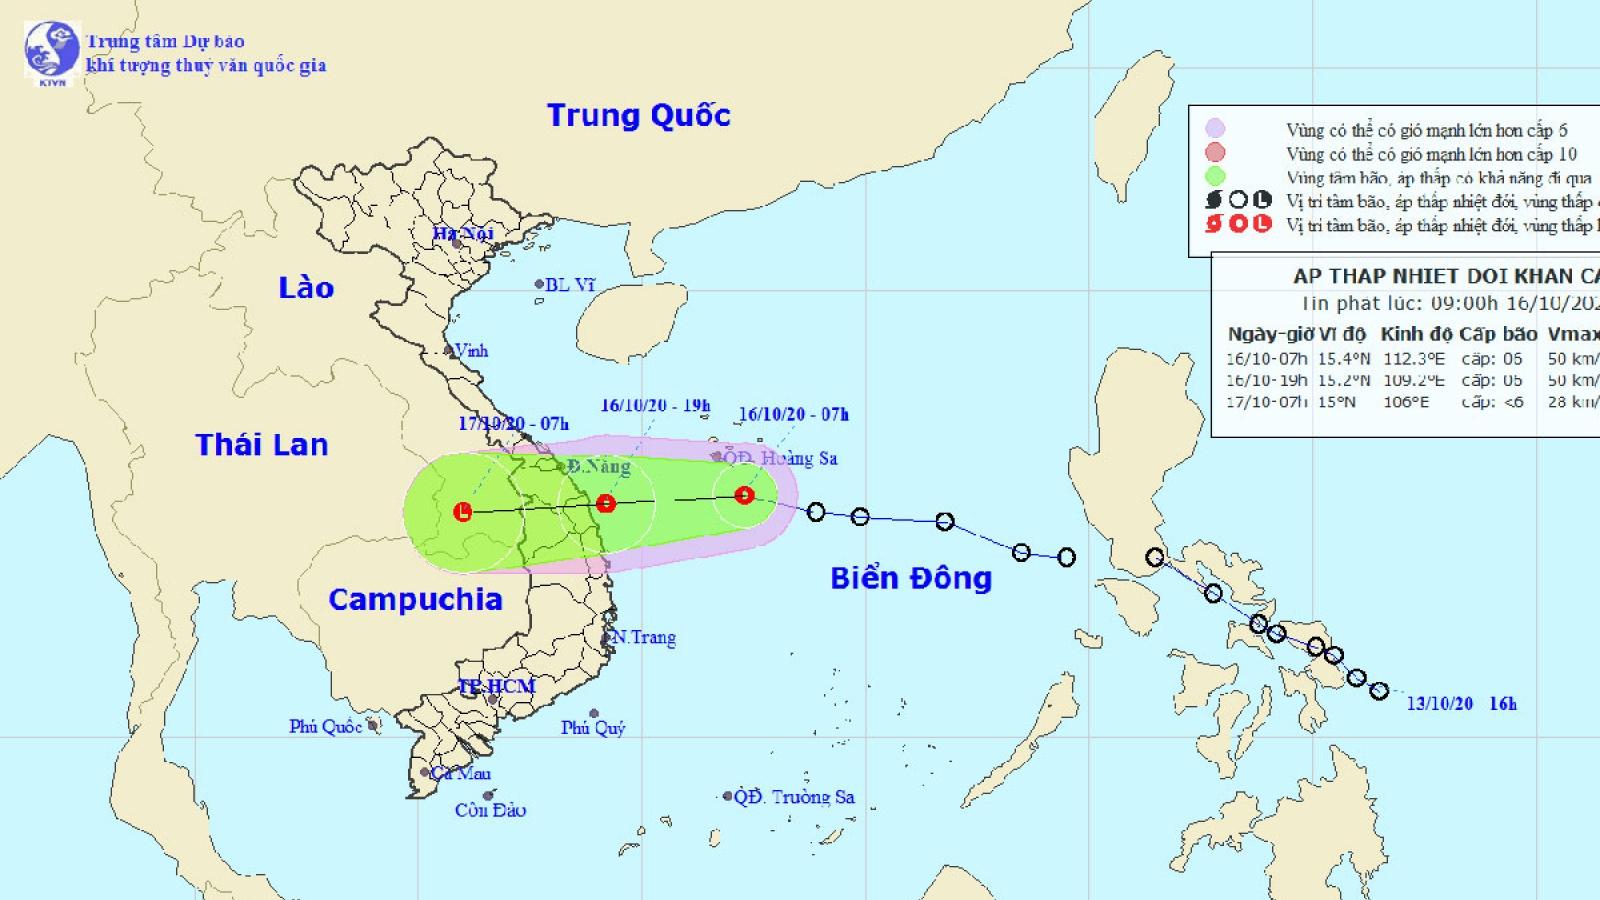 Chiều tối nay áp thấp nhiệt đới sẽ vào vùng biển từ Đà Nẵng đến Bình Định, giật cấp 8